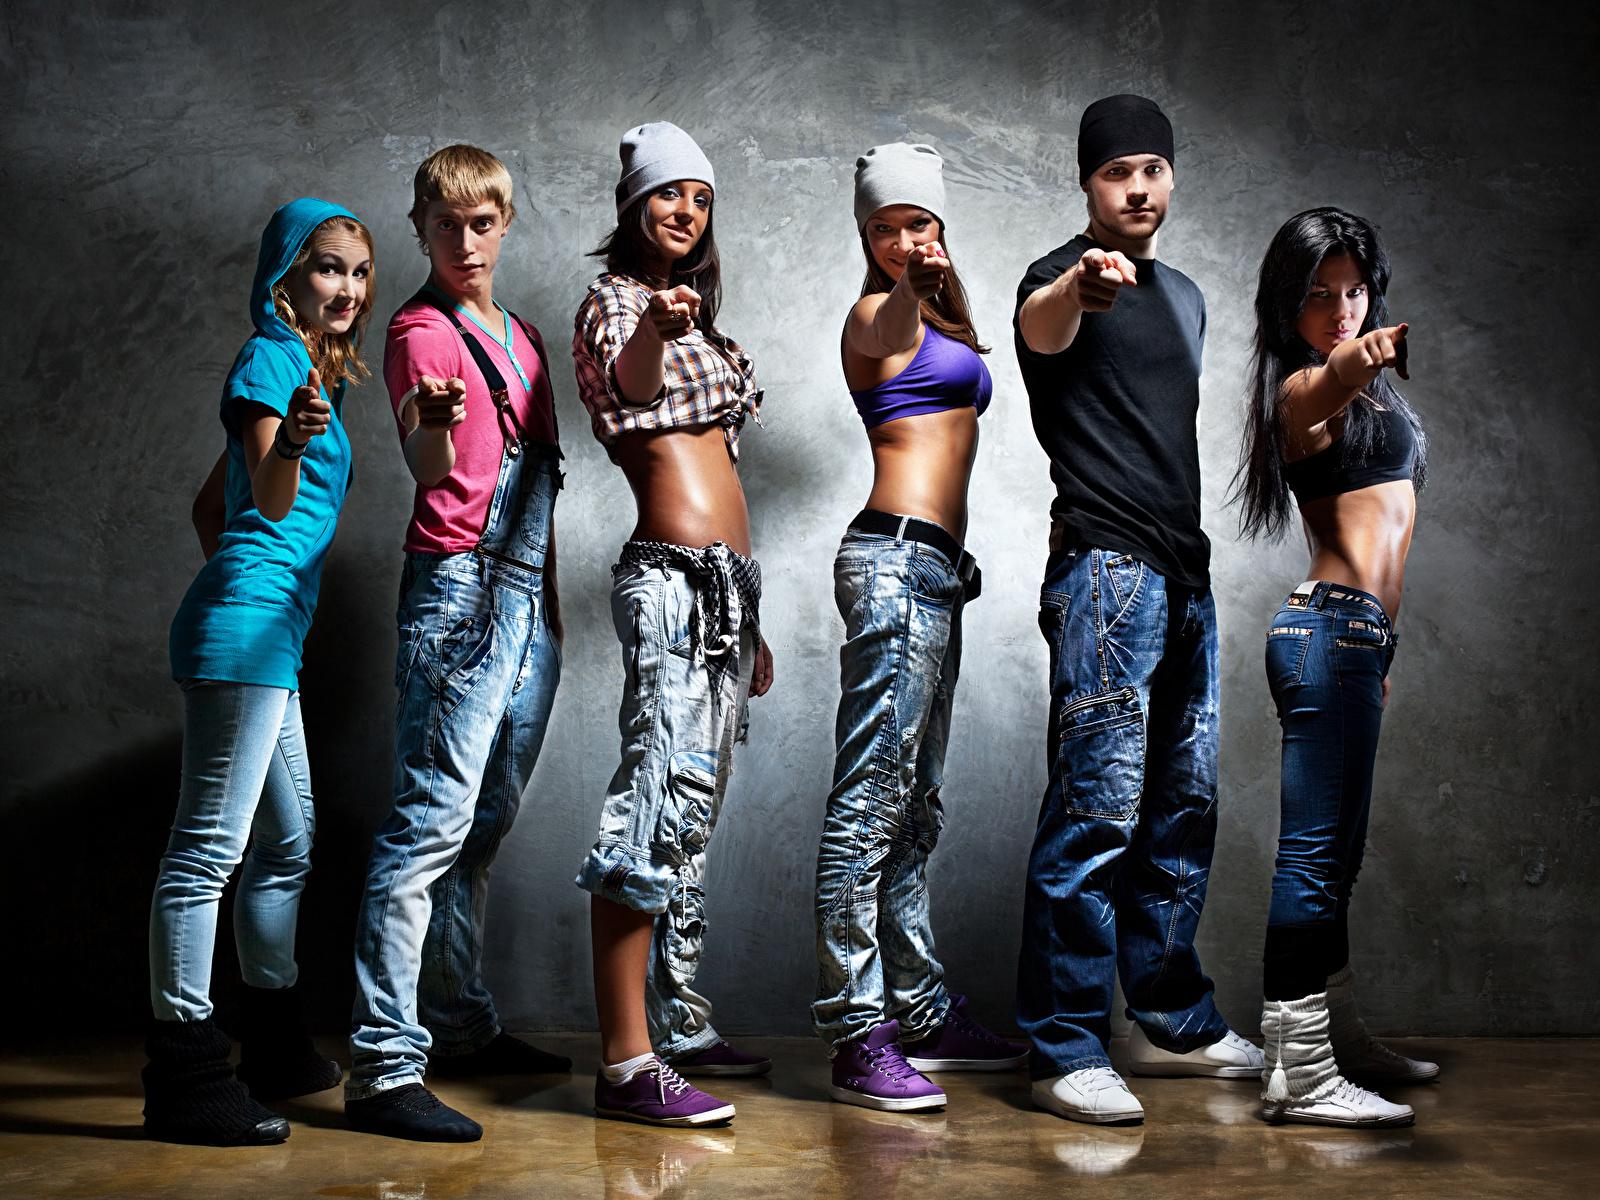 Обои для рабочего стола Мужчины Танцы молодые женщины рука смотрит 1600x1200 танцуют танцует девушка Девушки молодая женщина Руки Взгляд смотрят